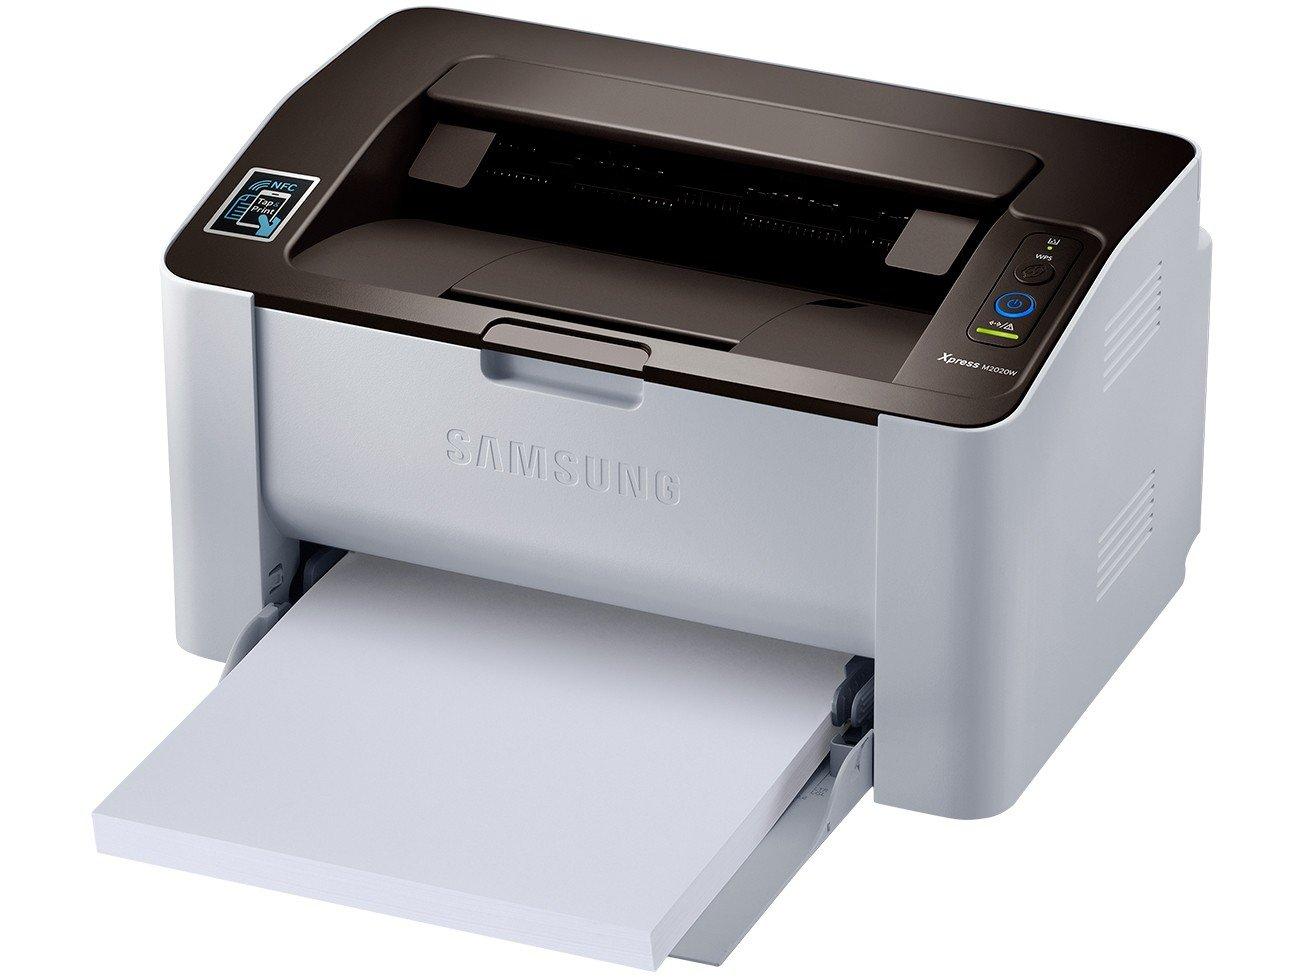 Foto 4 - Impressora Samsung Xpress SL-M2020W Laser - Wi-Fi USB NFC